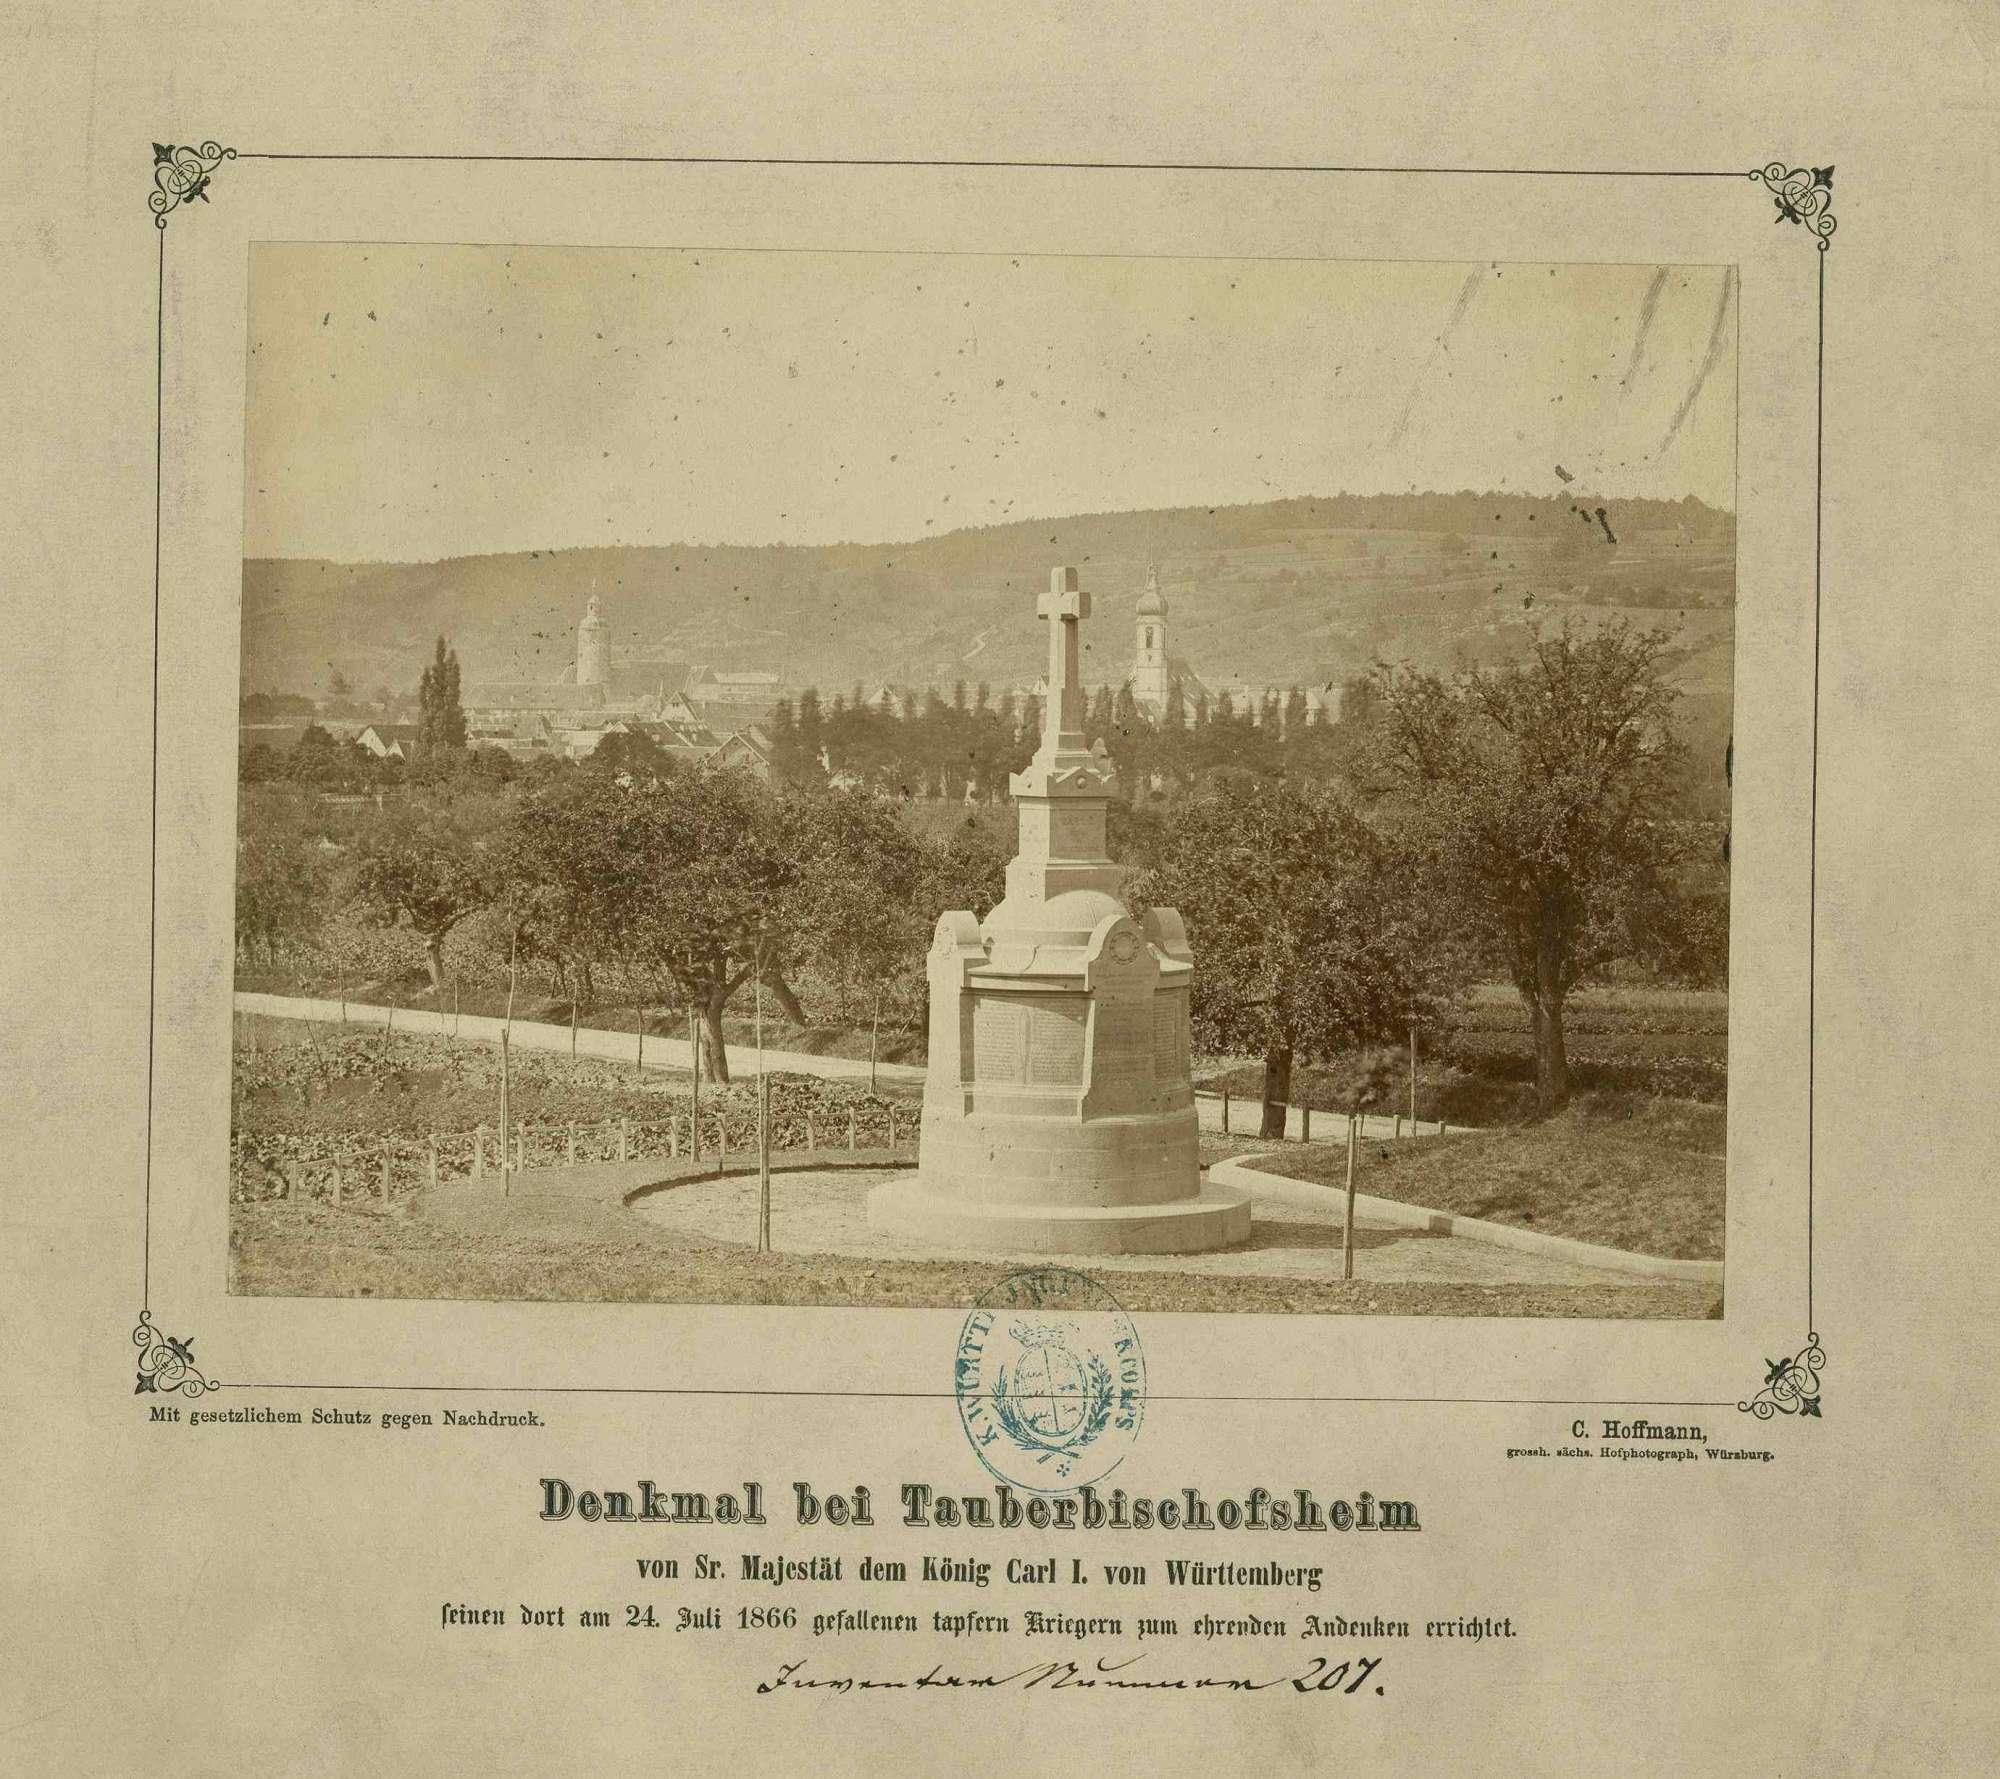 Kriegerdenkmal bei Tauberbischofsheim, im Hintergrund das Stadtbild Tauberbischofsheim, Bild 1